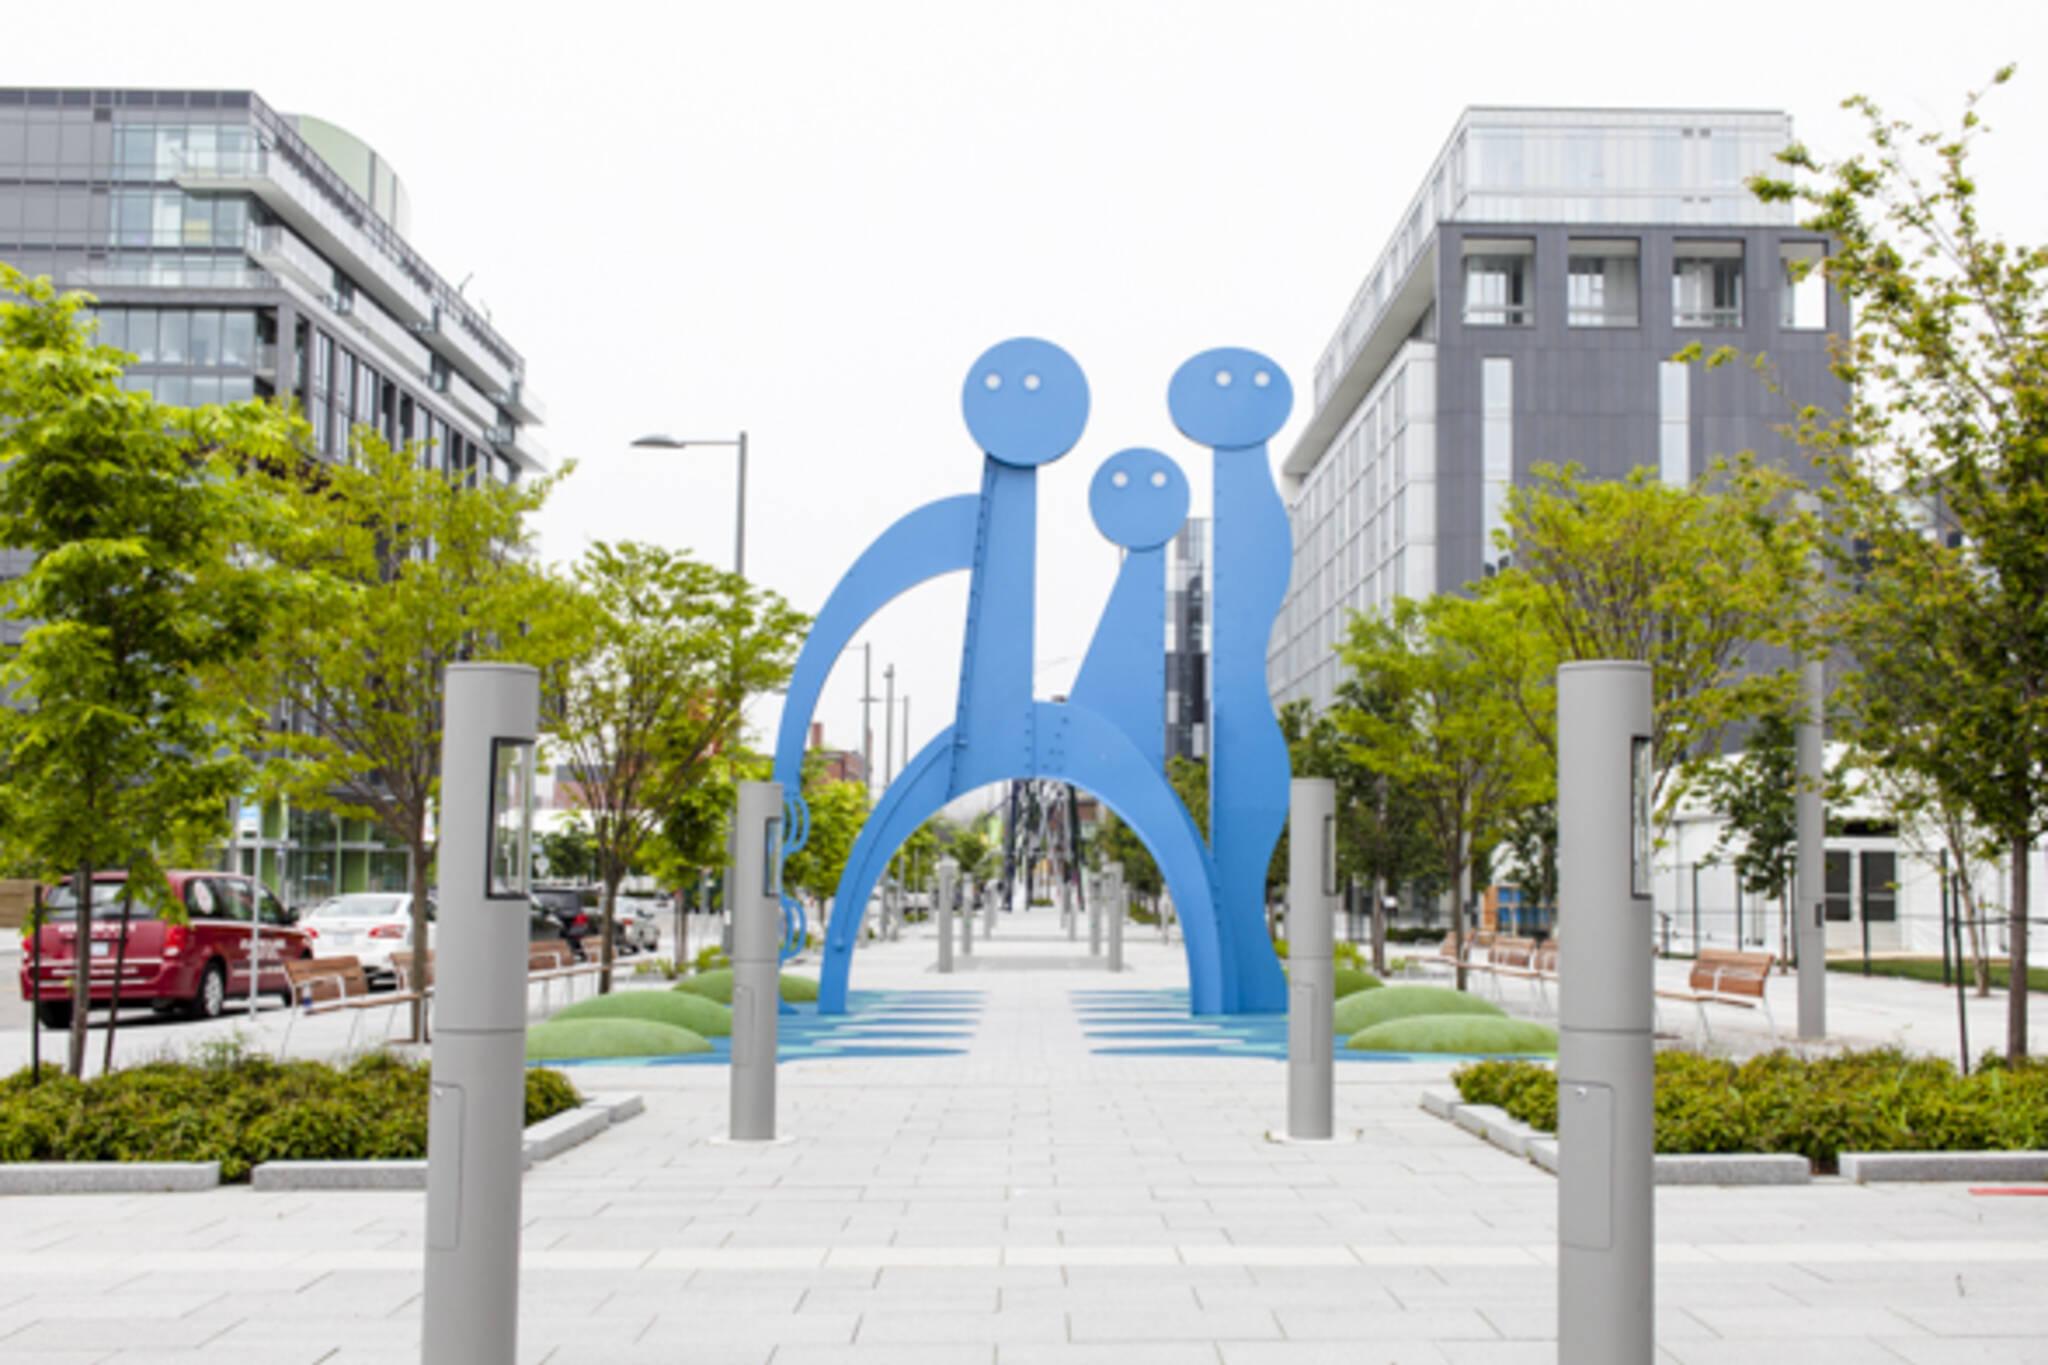 Pan Am Games Athletes Village